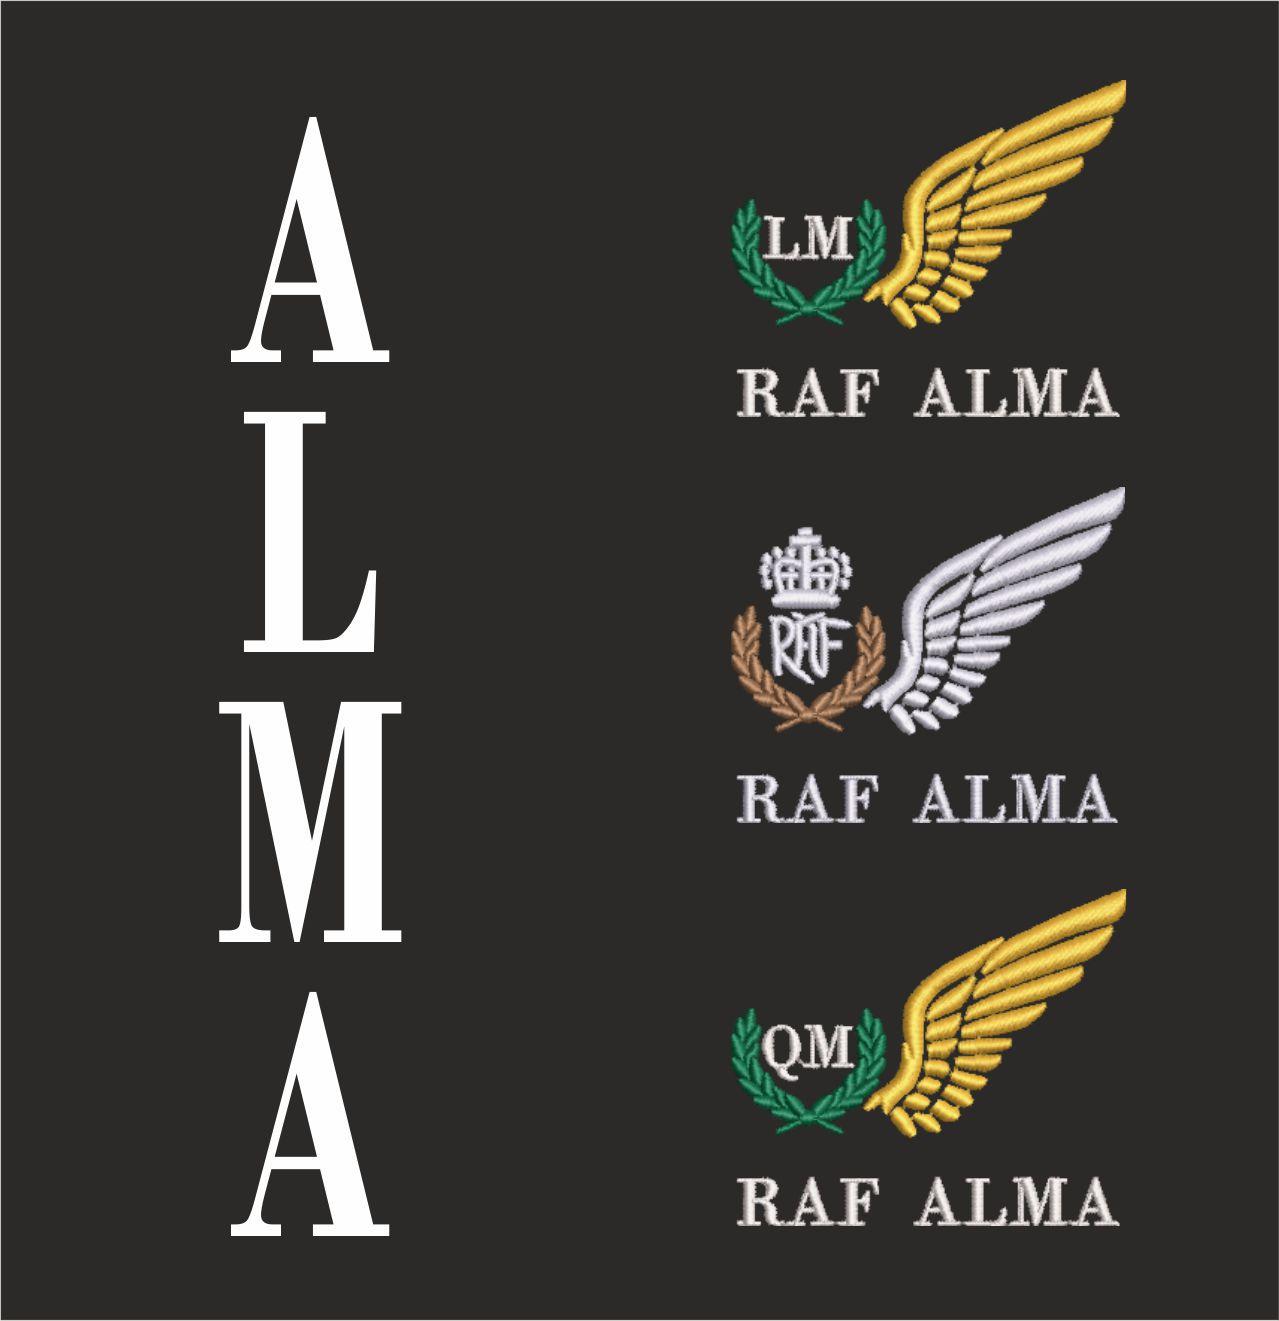 Raf Qm Lm Designs X 3